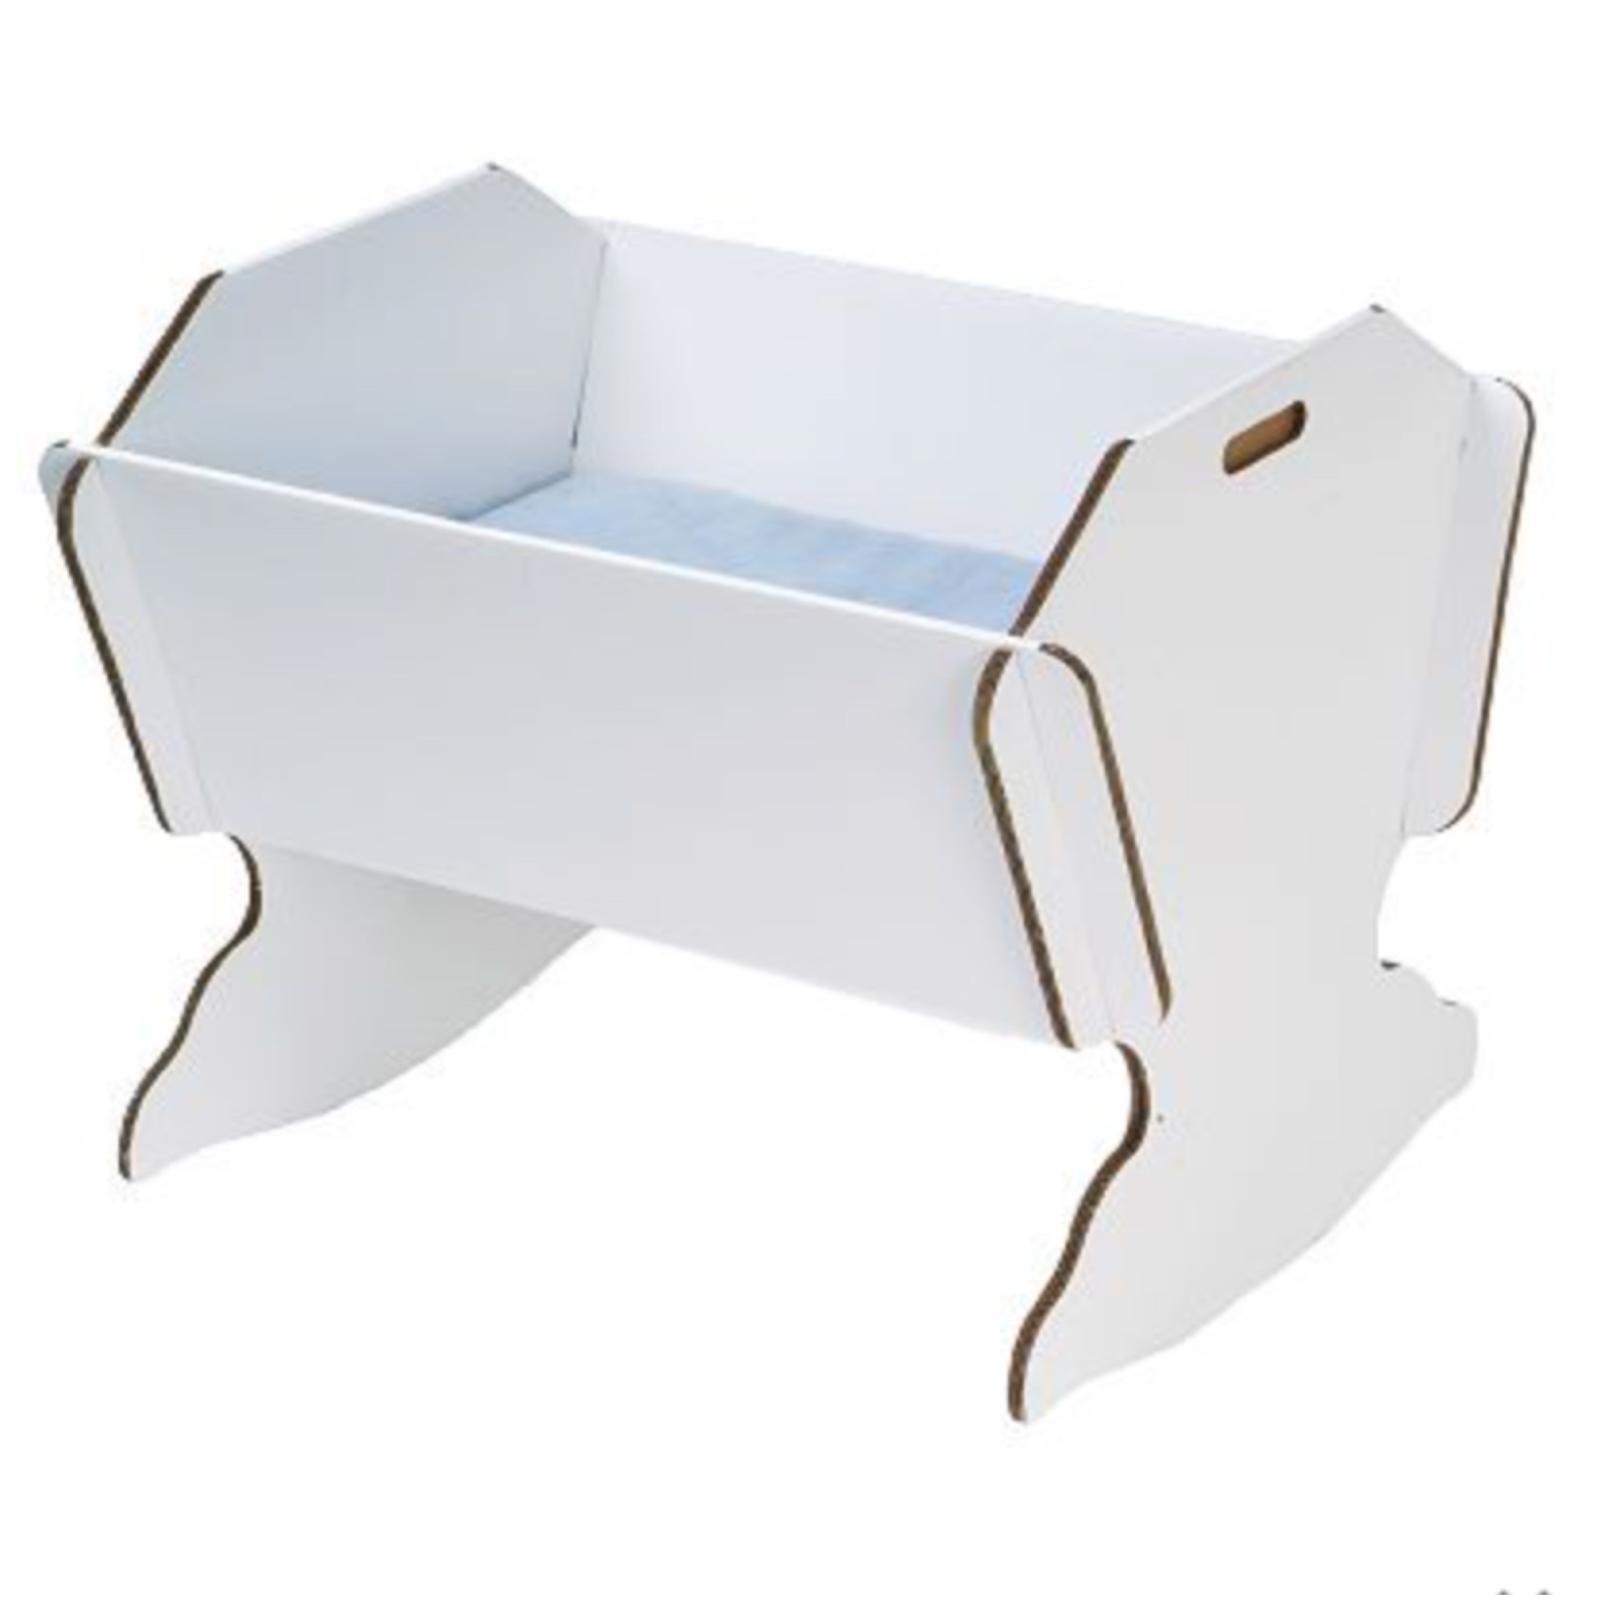 d coration pour une chambre d enfant colo d coratrice d 39 int rieur n mes gard. Black Bedroom Furniture Sets. Home Design Ideas